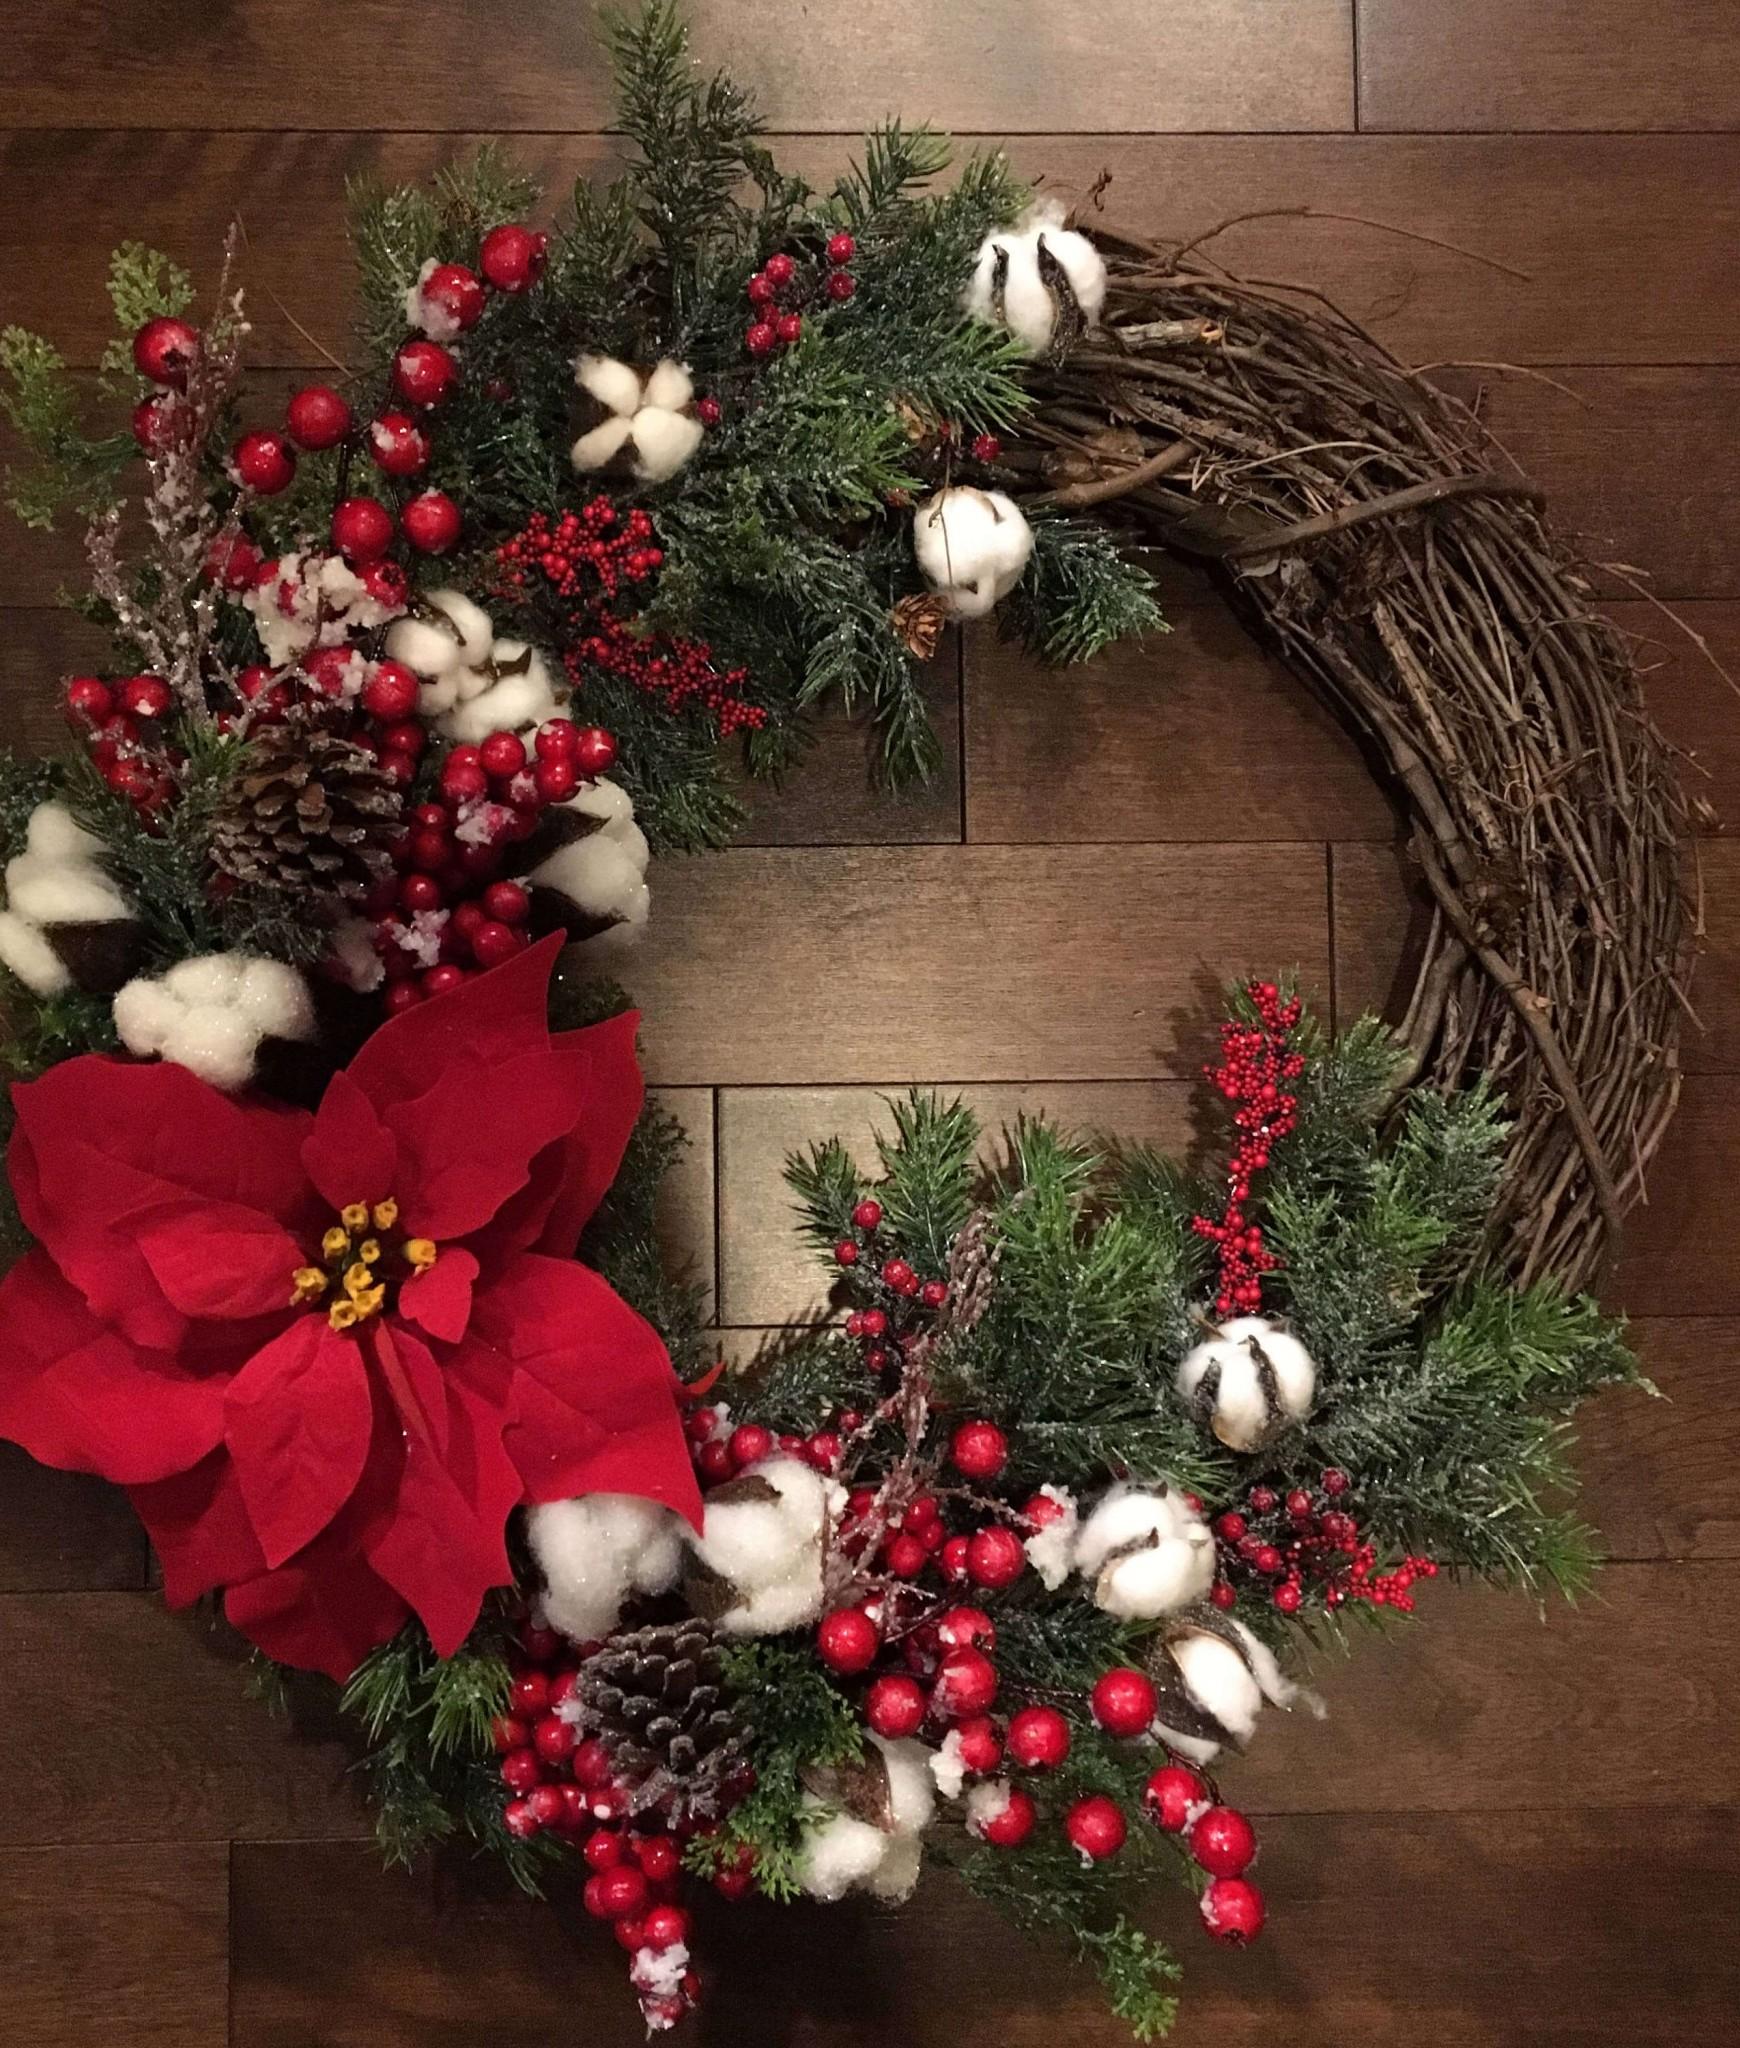 Rustic Grapevine and Raw Cotton Wreath thewowdecor